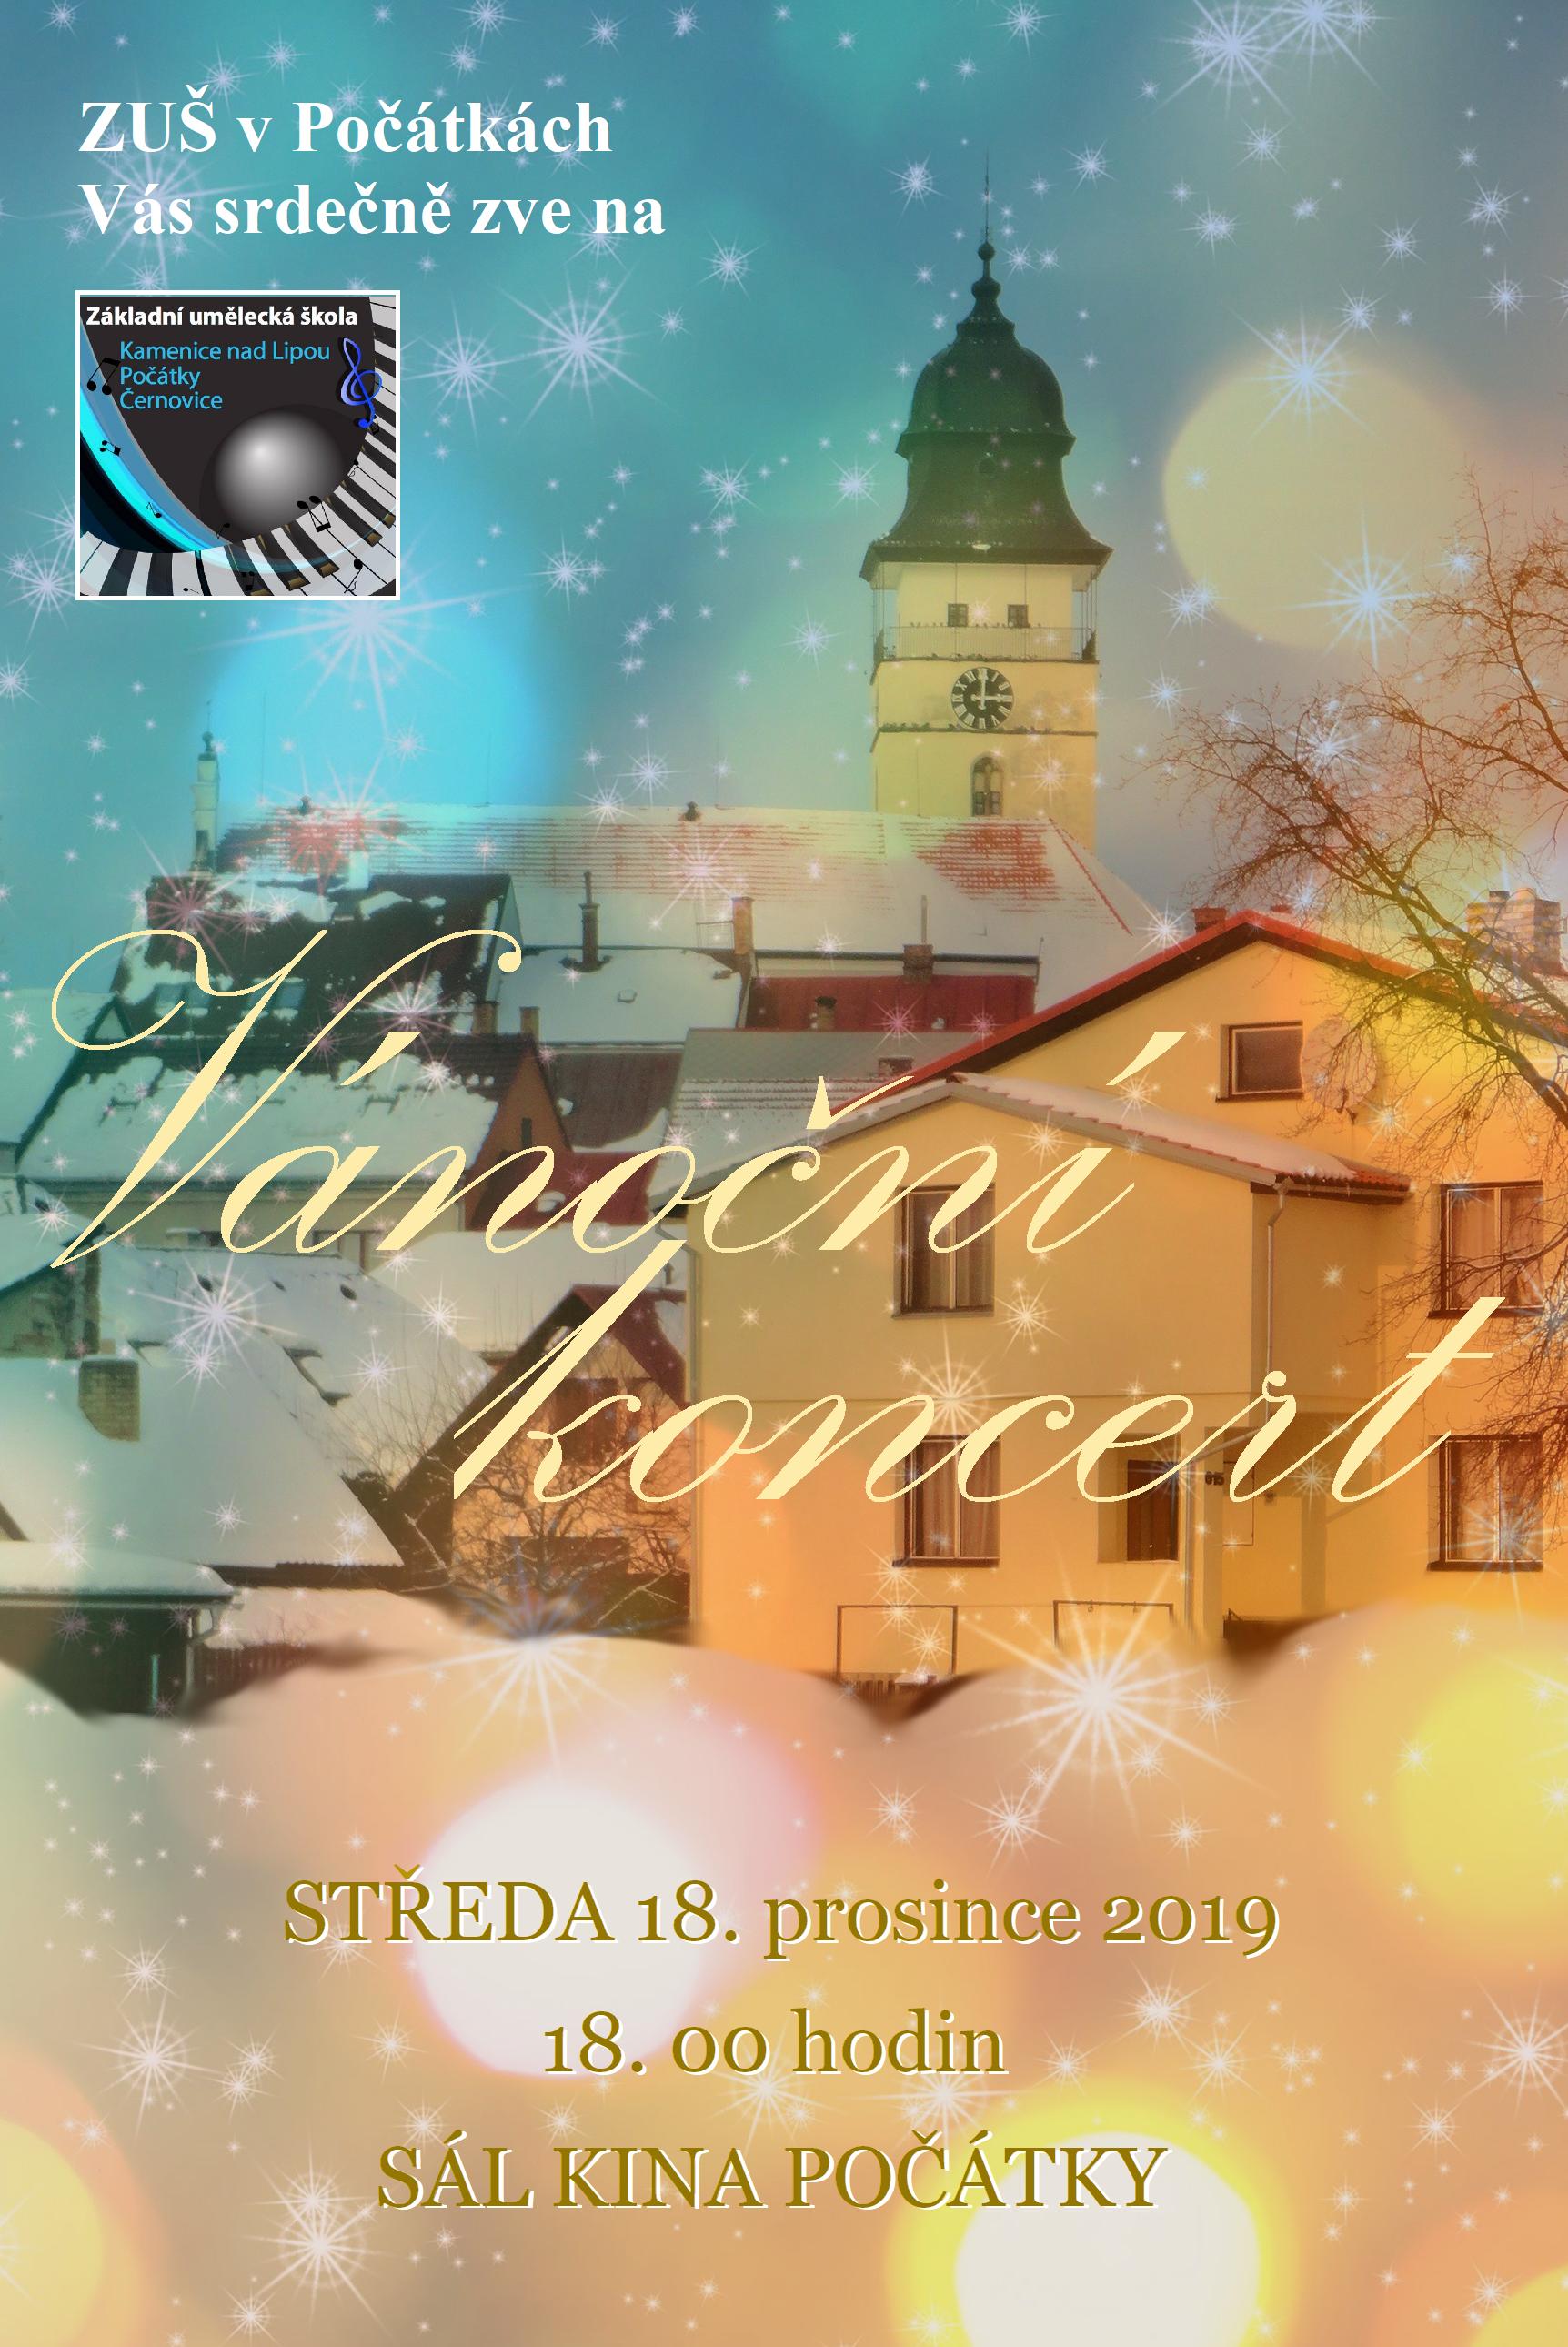 18. 12. 2019 - VÁNOČNÍ KONCERT POČÁTKY